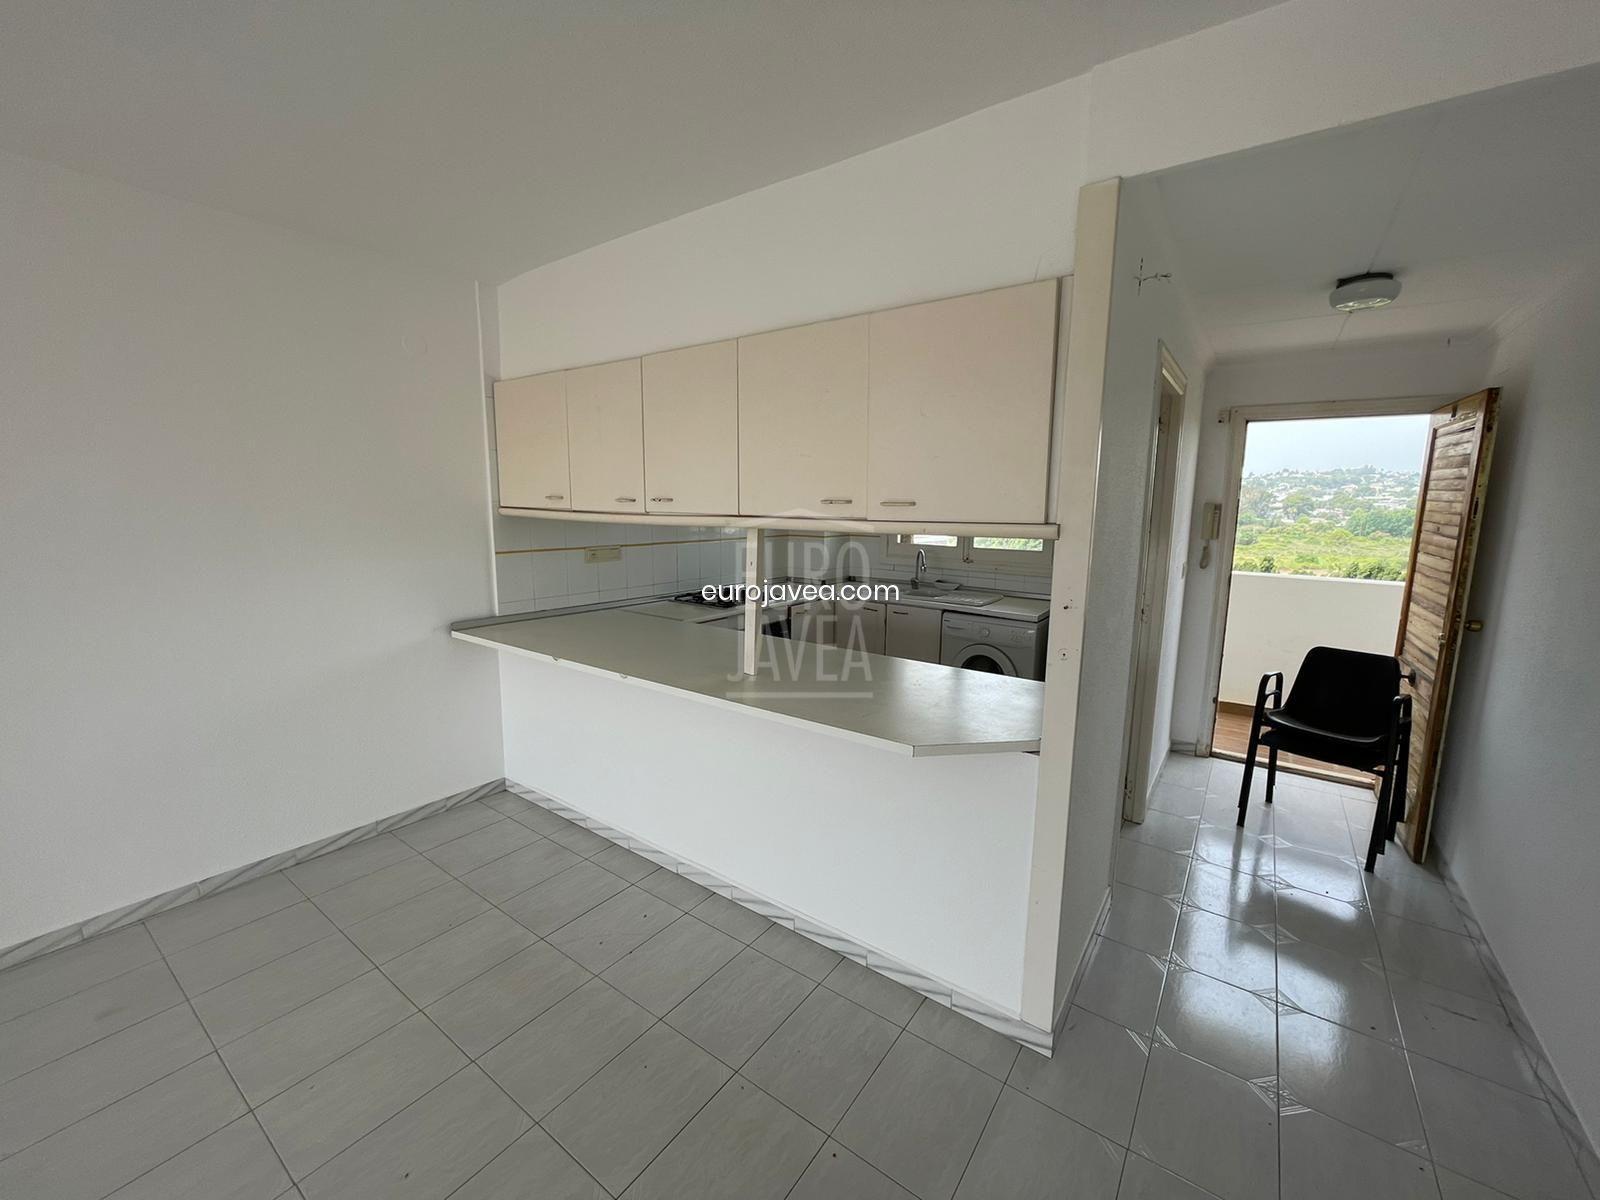 Apartamento a la venta en Jávea andando a la playa de Montañar II